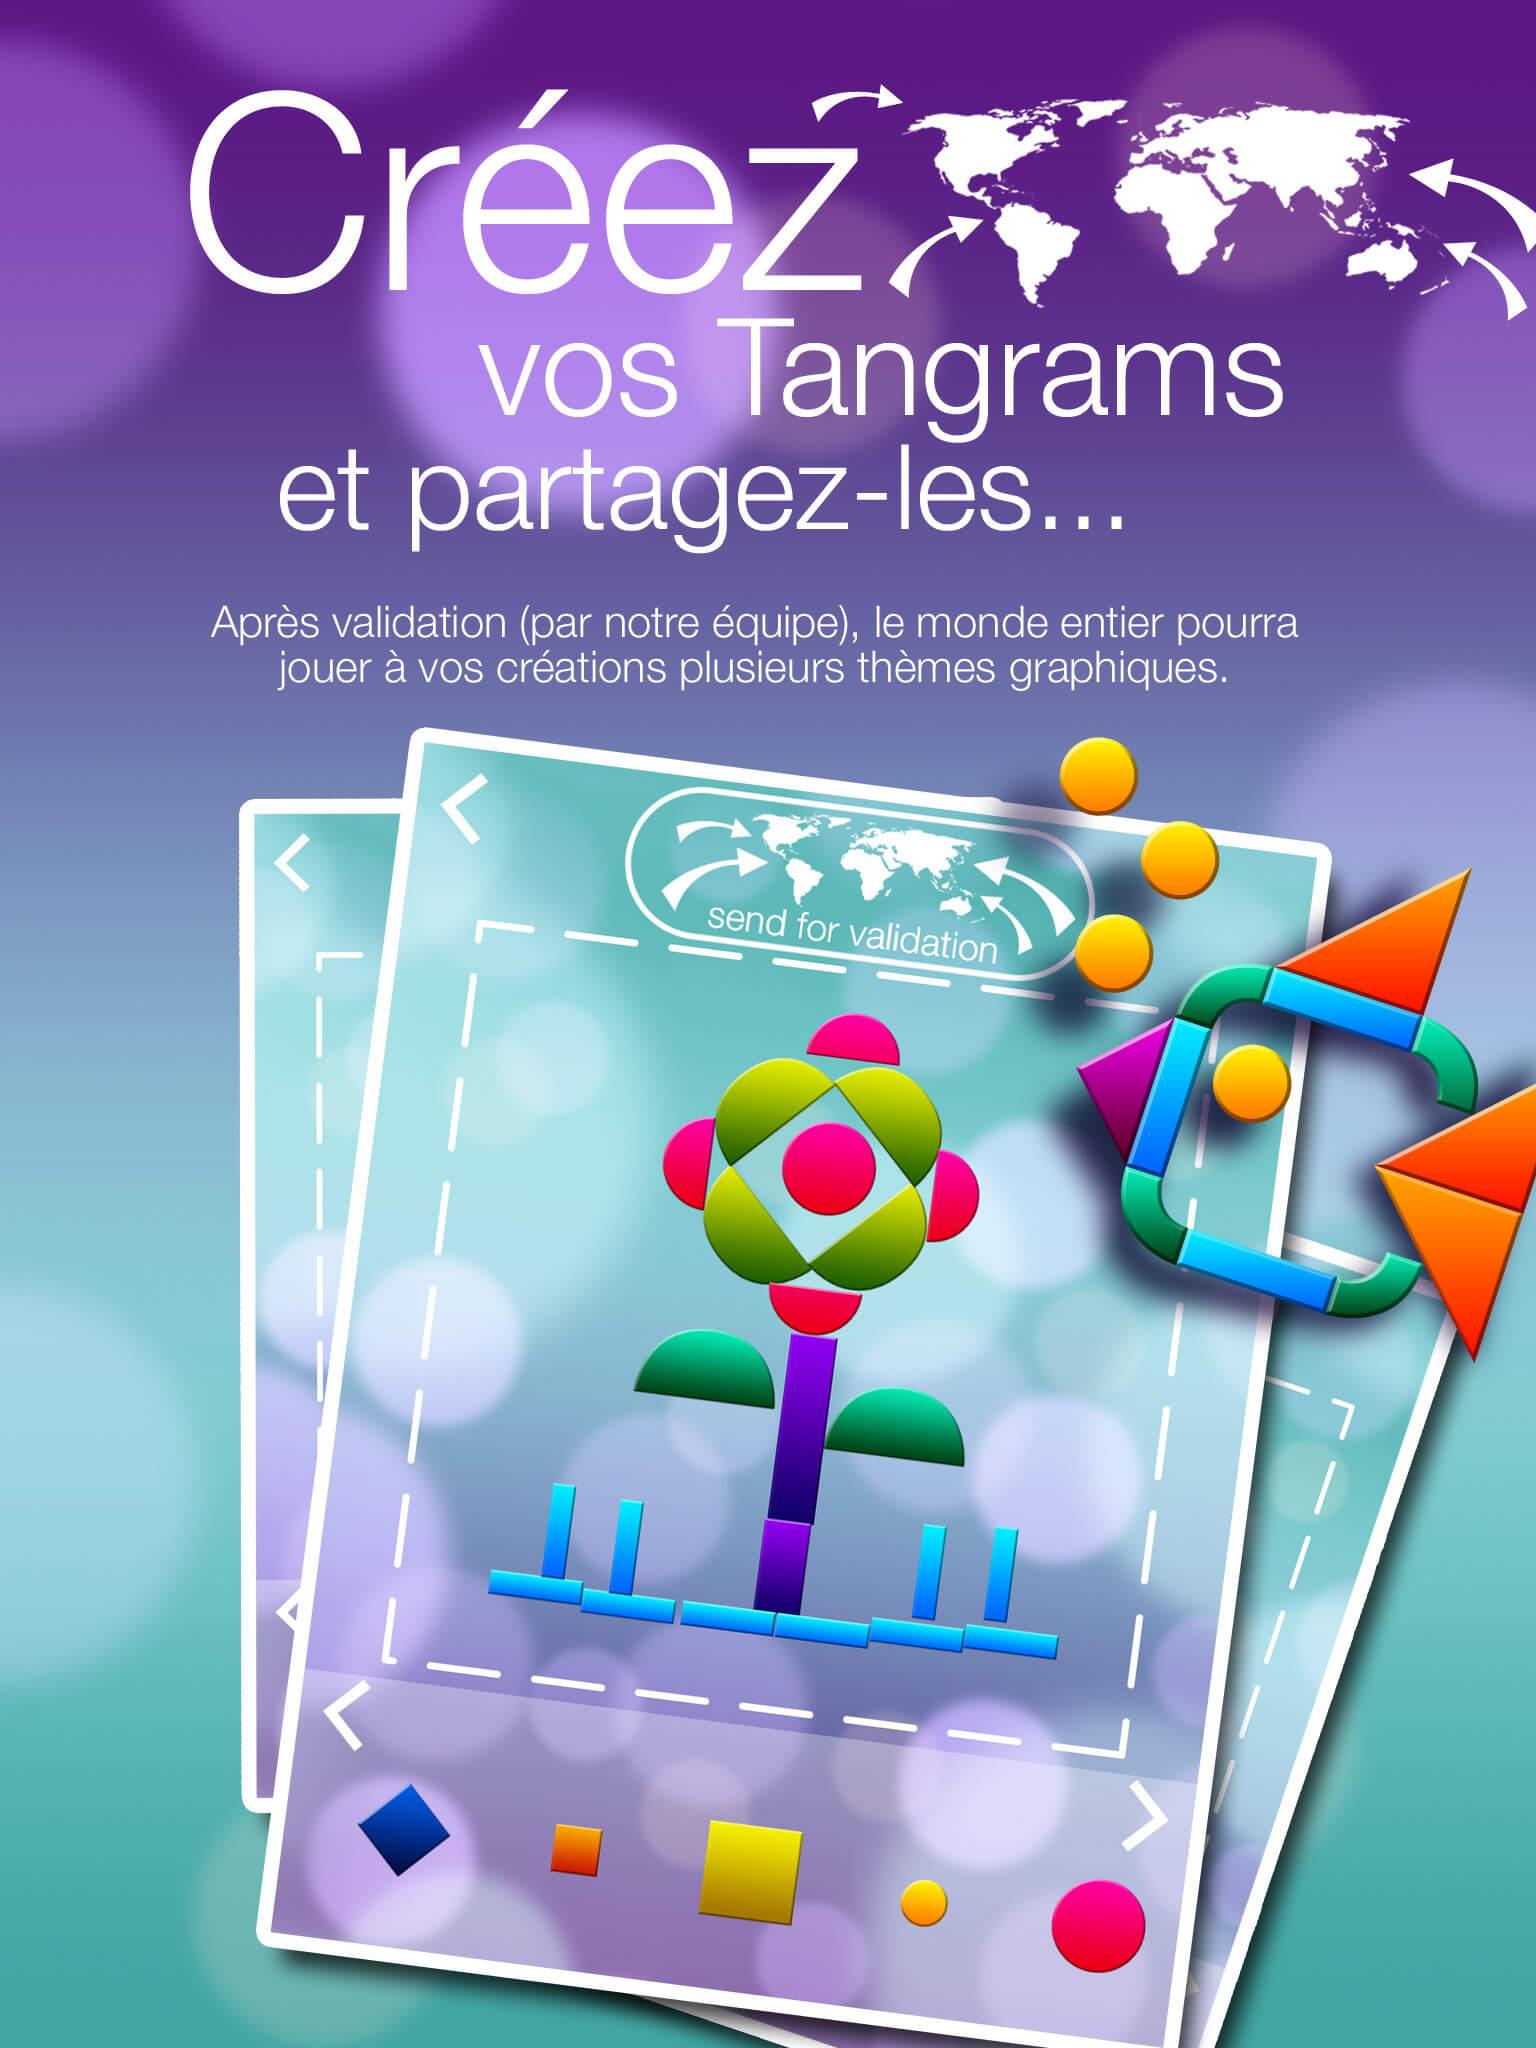 screenshot03_fr